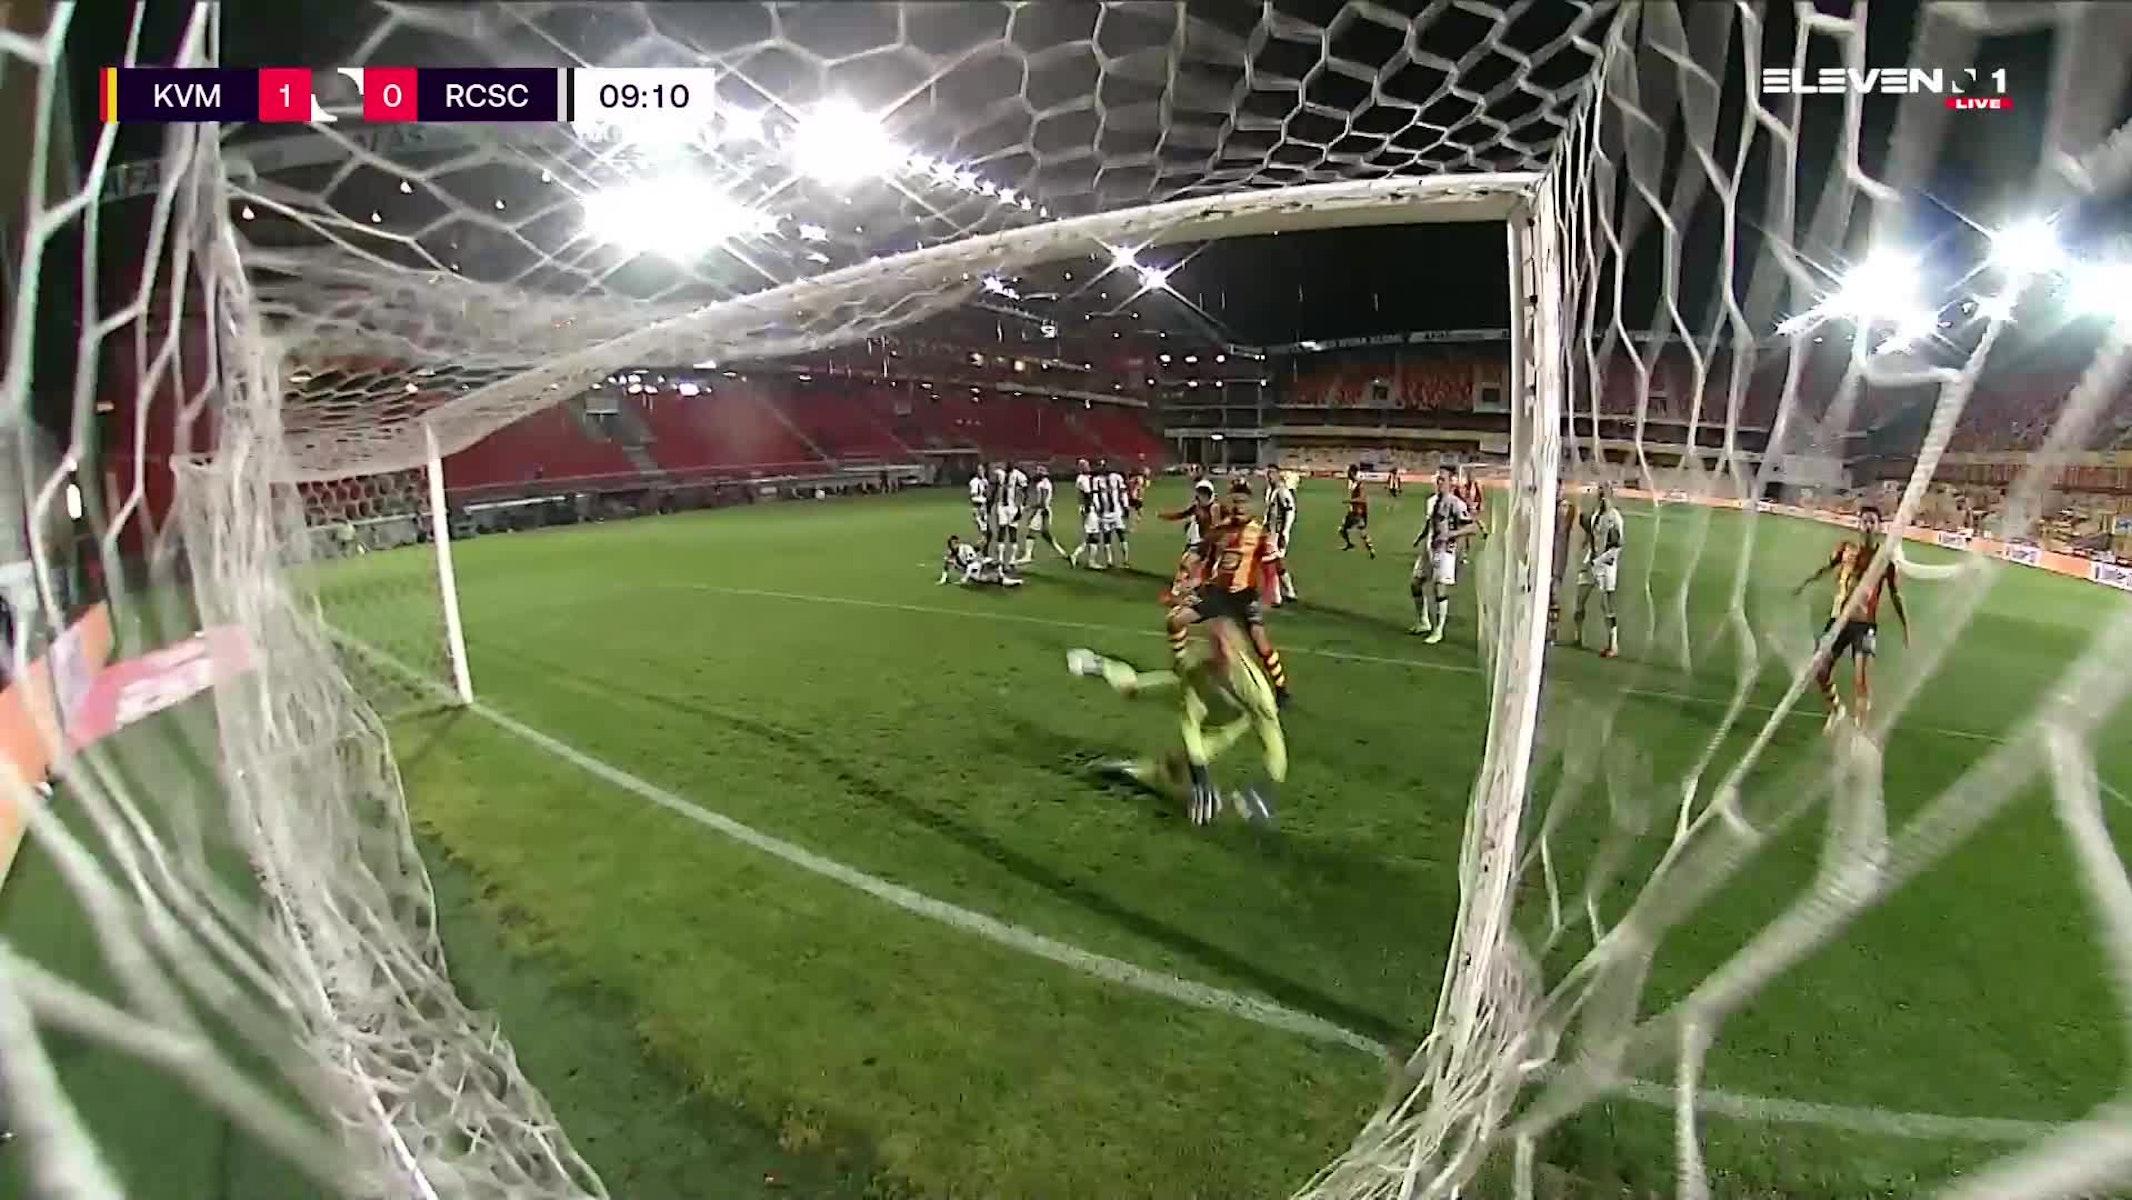 But Geoffrey Hairemans (KV Mechelen vs. Sporting Charleroi)